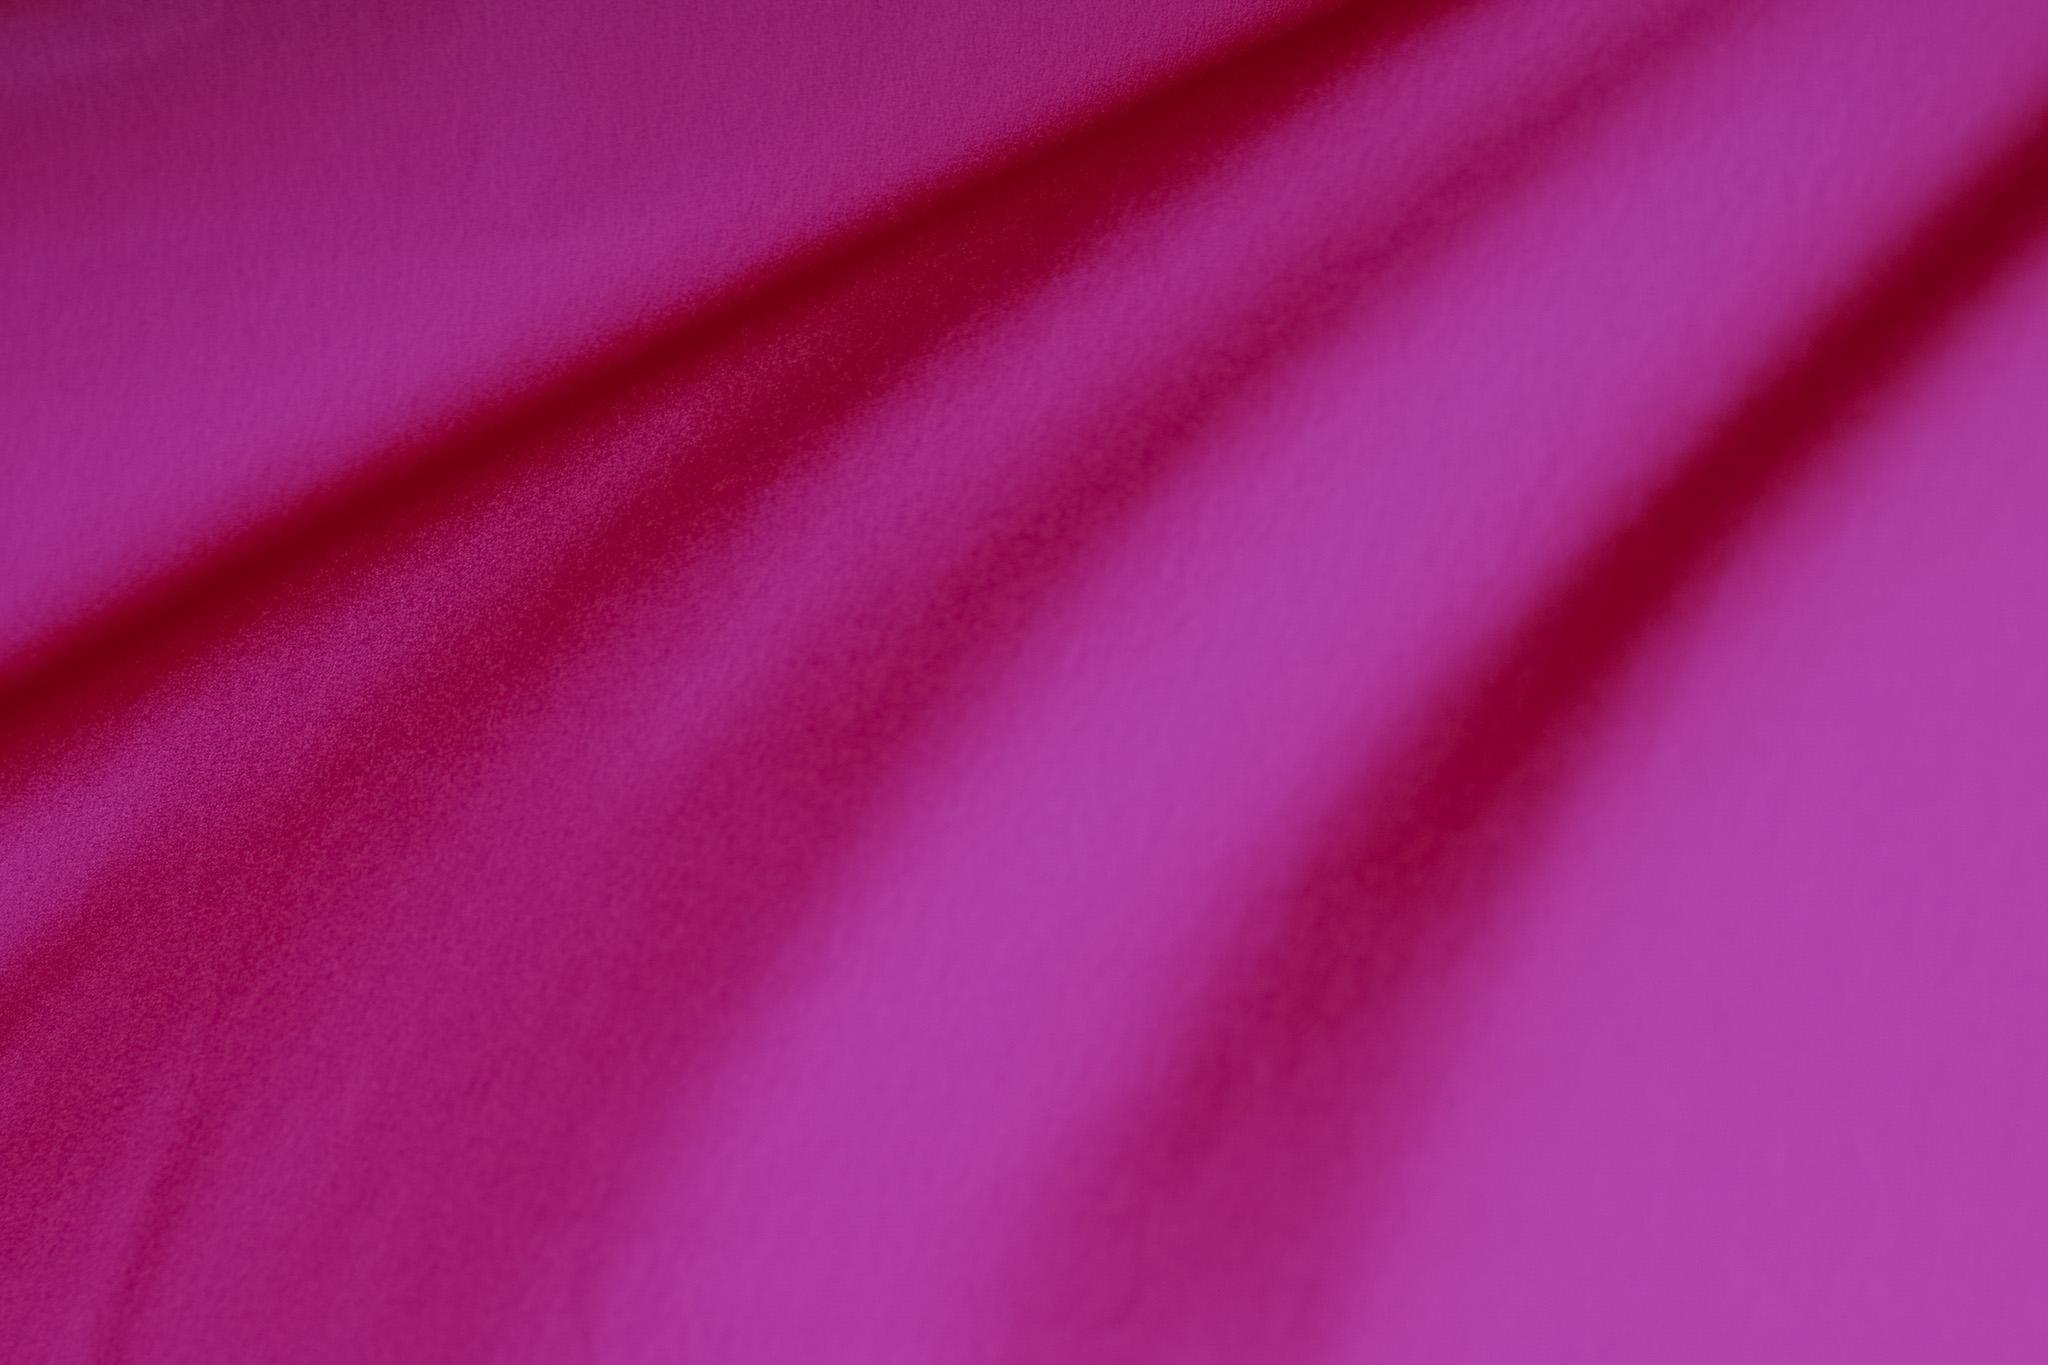 「柔らかな凹凸があるピンクの布地」